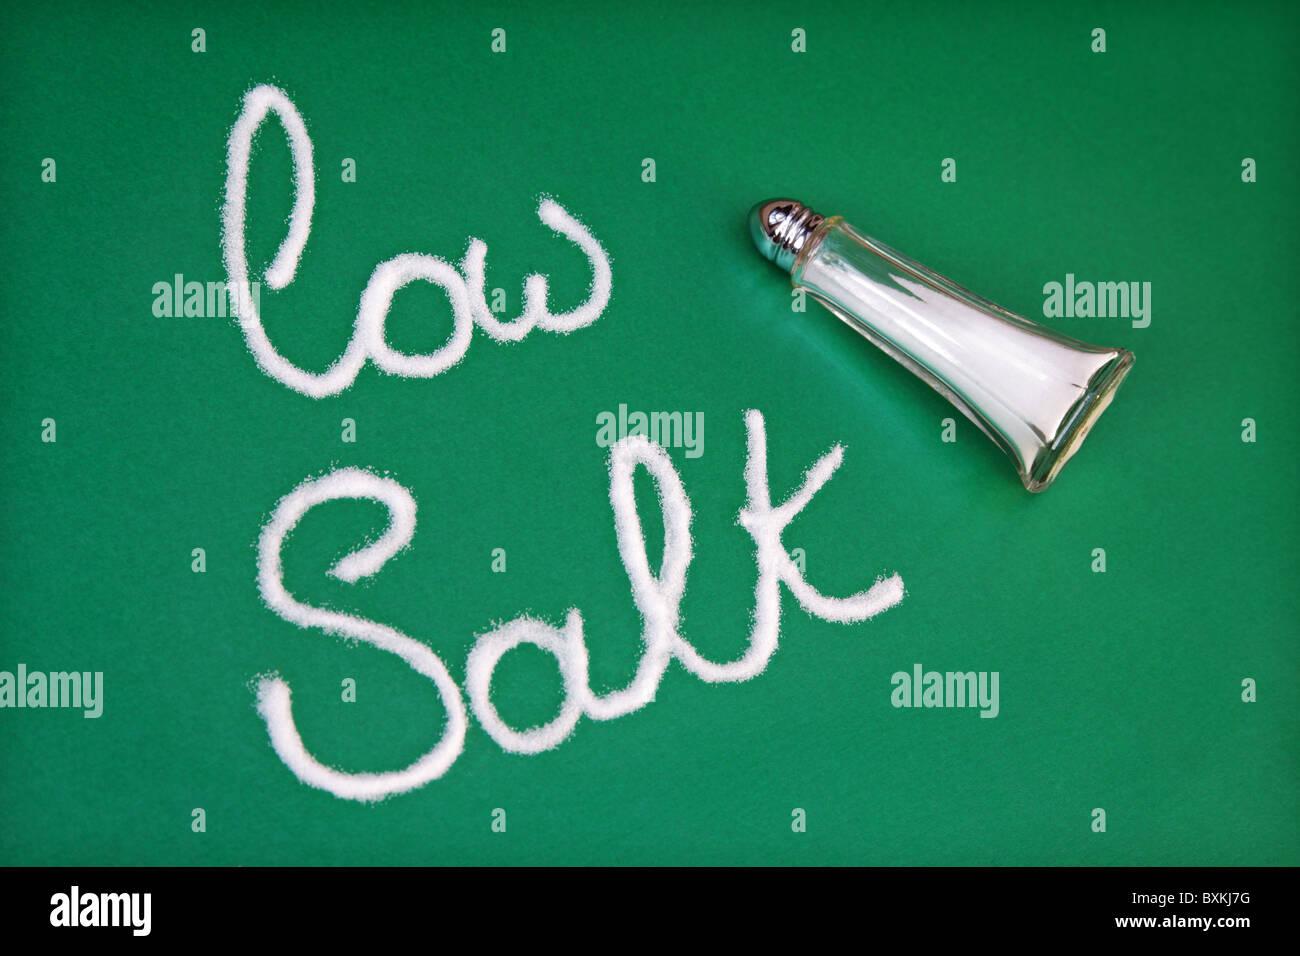 Low salt diet - Stock Image